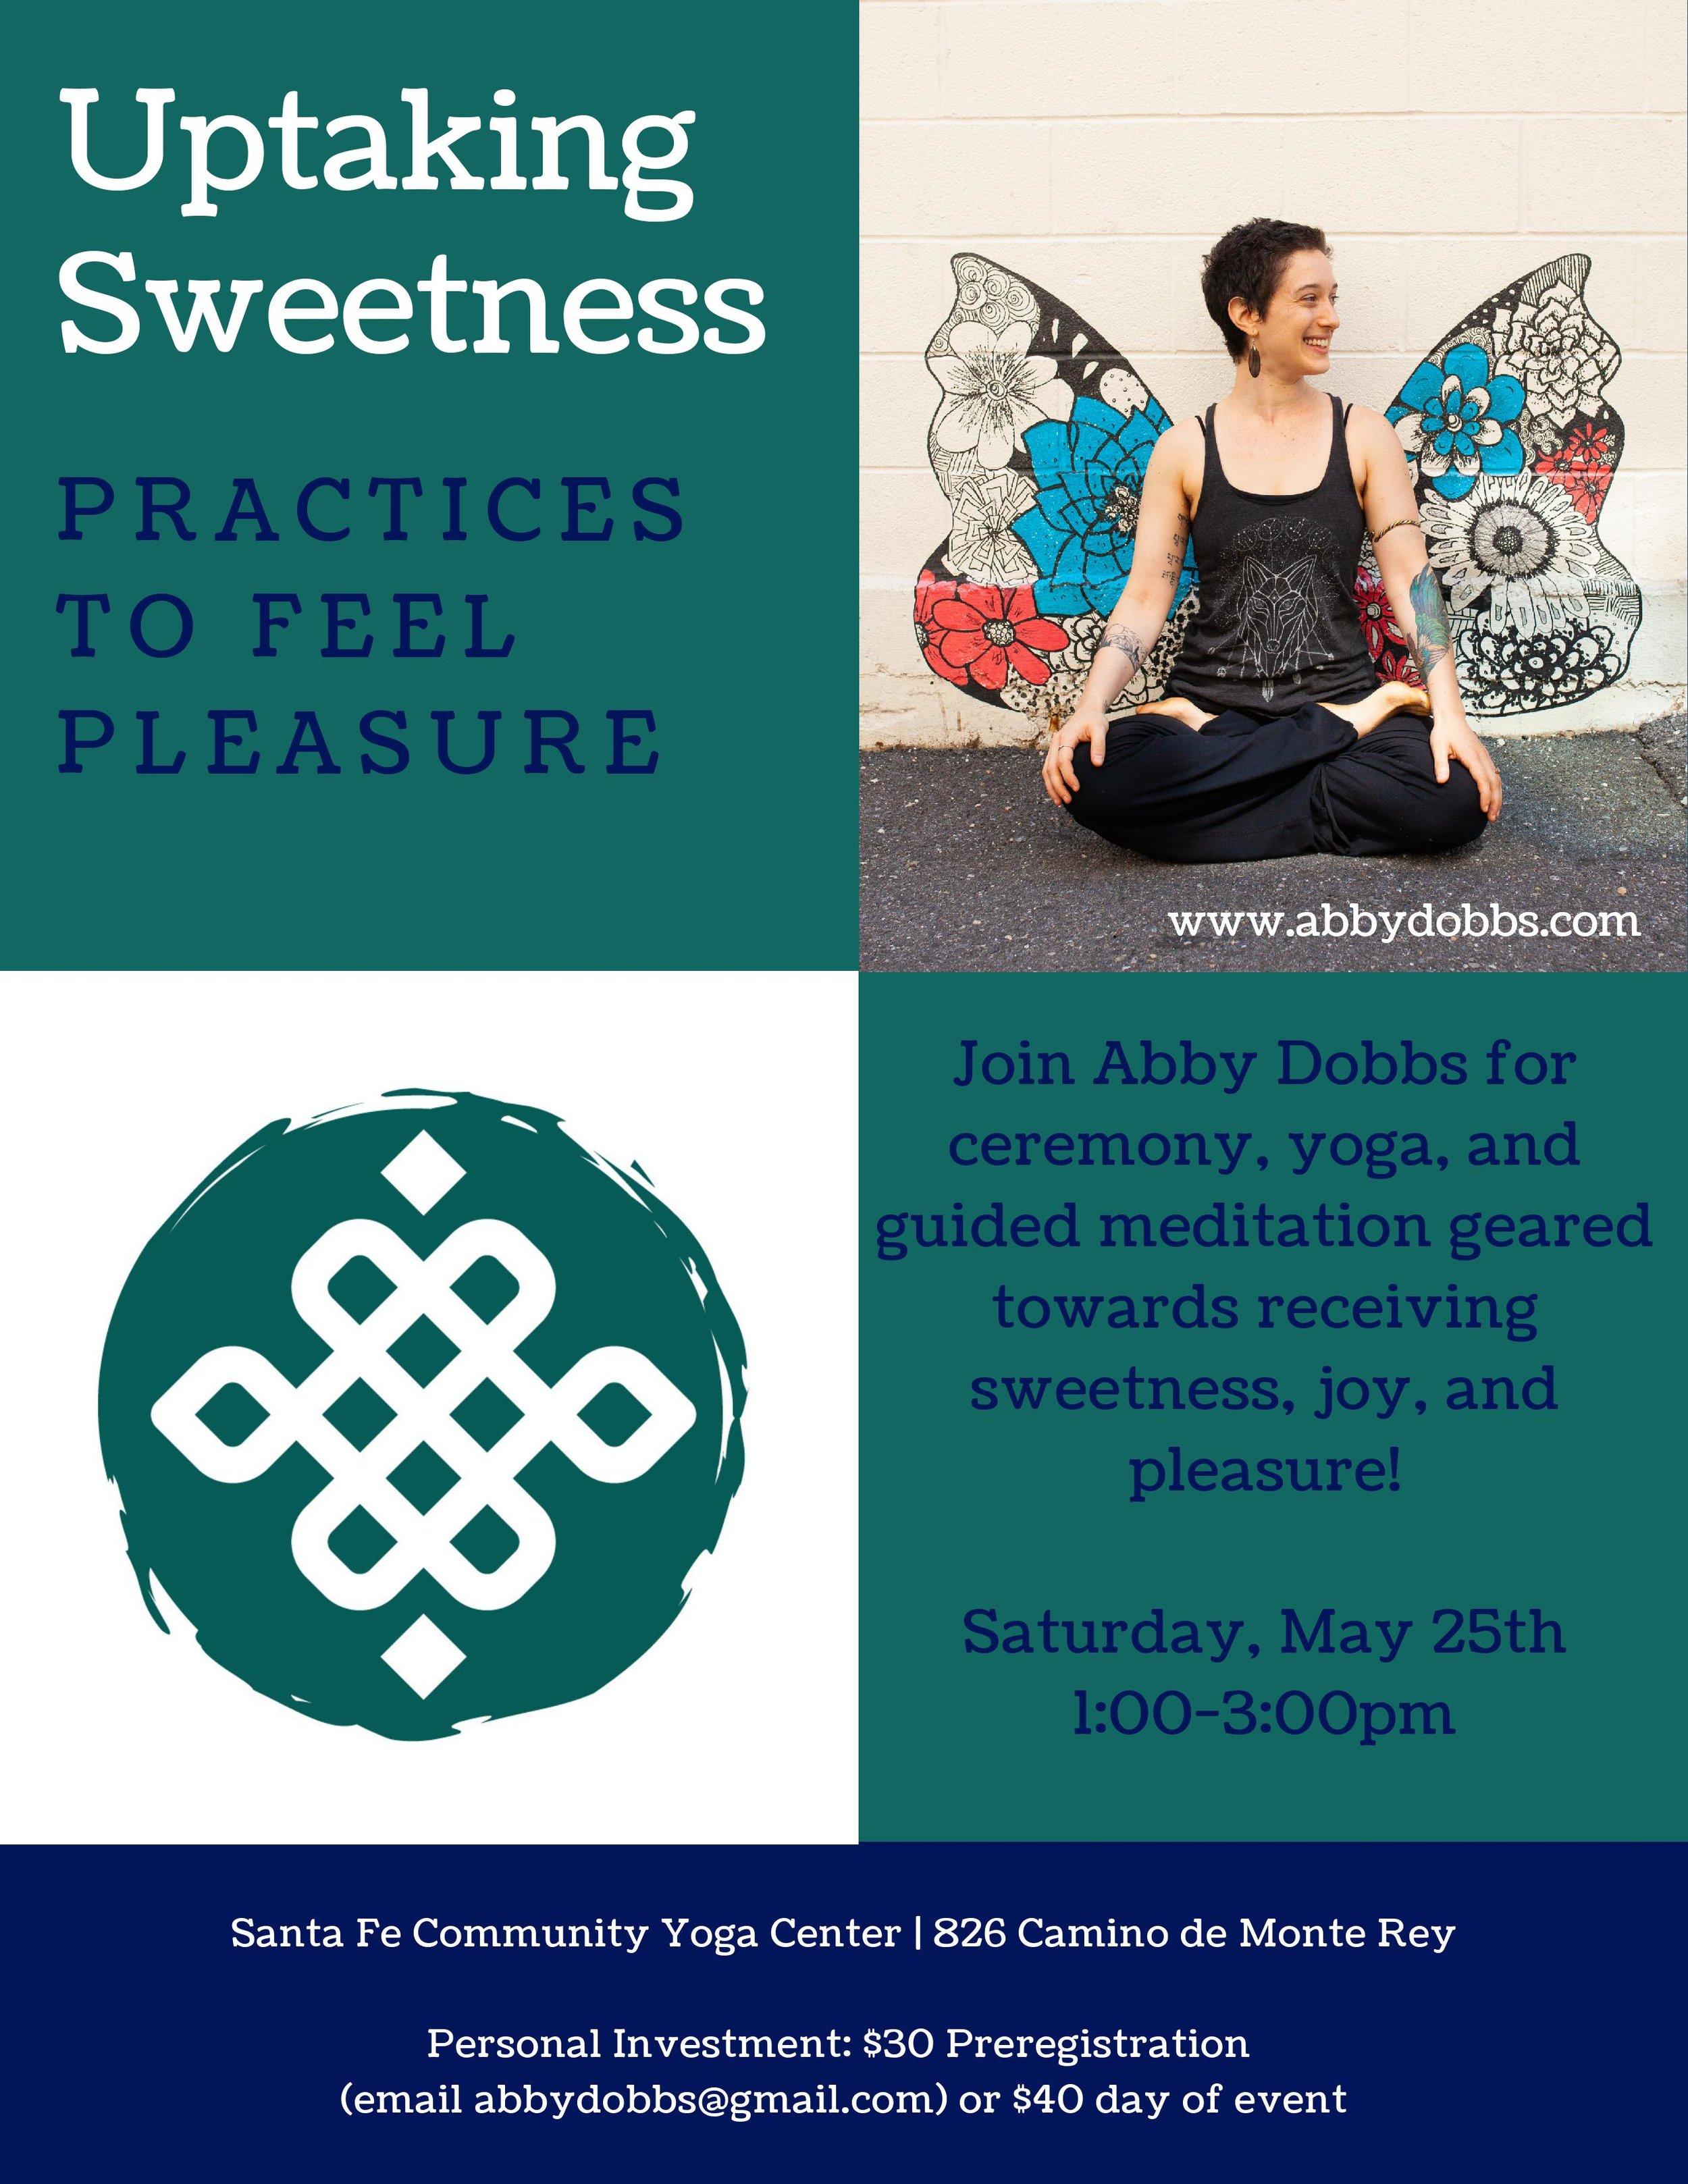 uptaking sweetness workshop.jpg